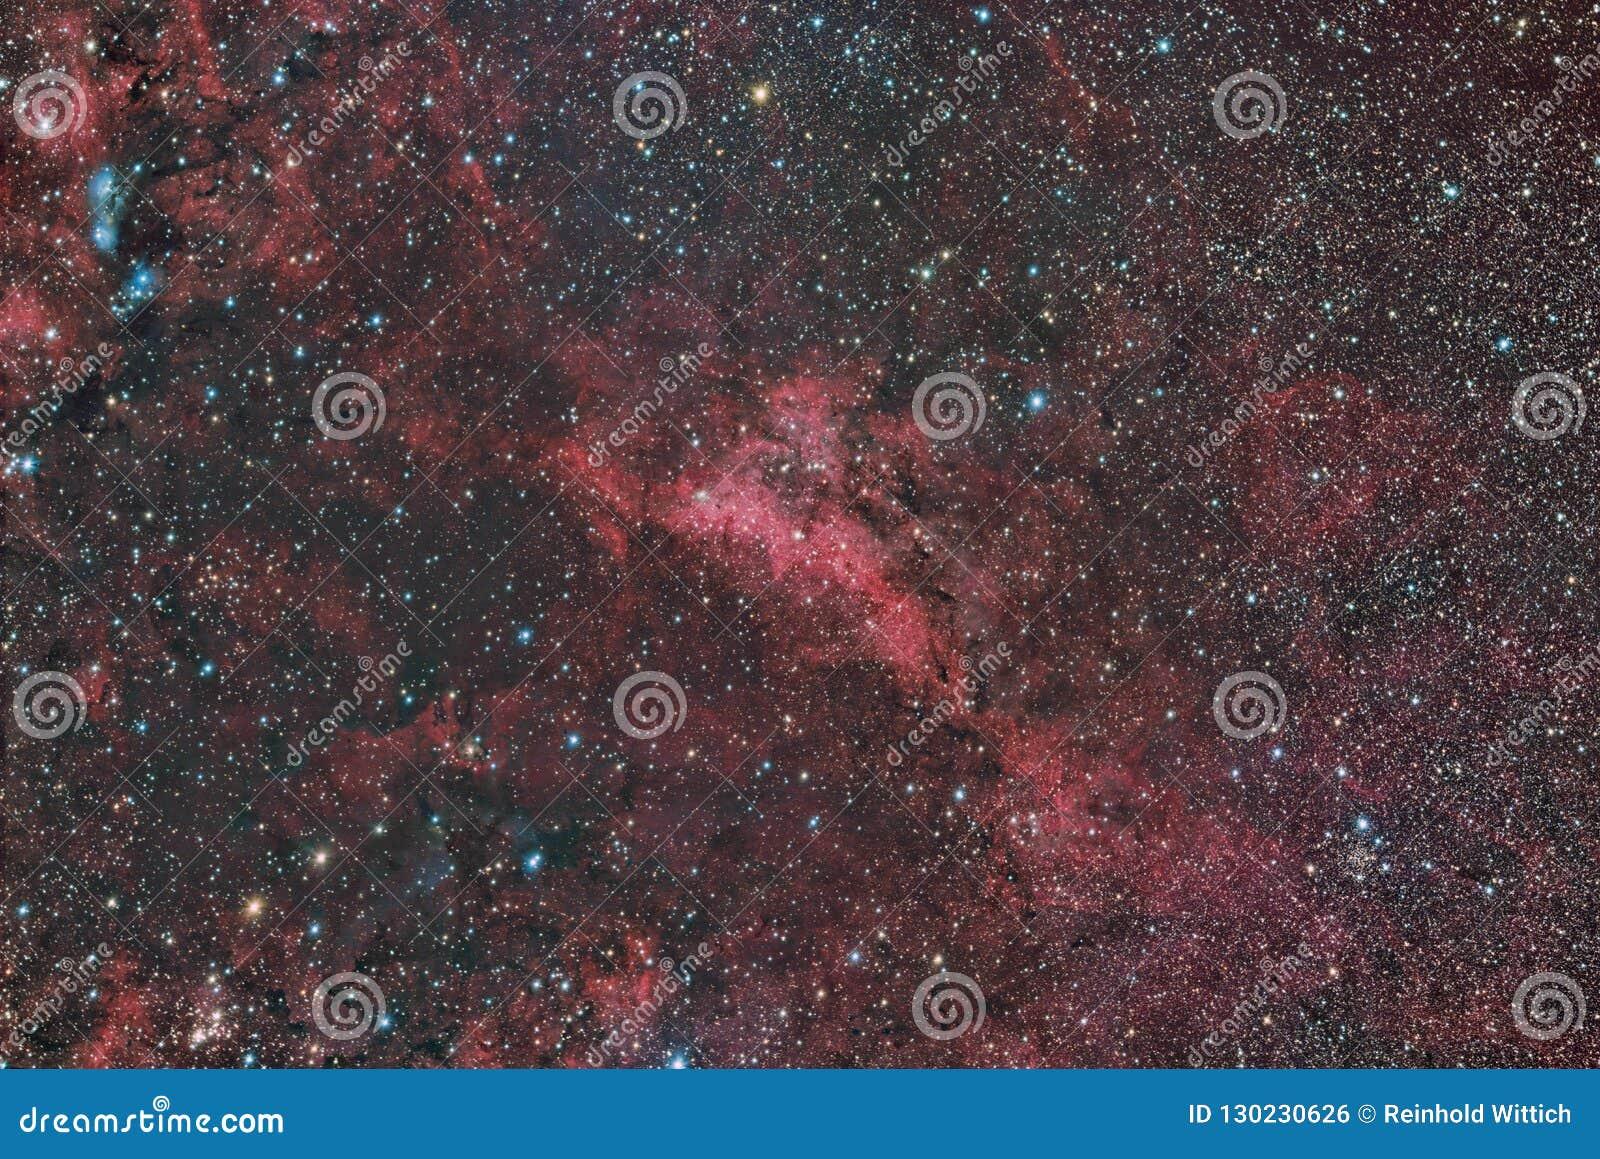 Emisión de LBN 251 y nebulosa de reflexión en el Cygnus de la constelación